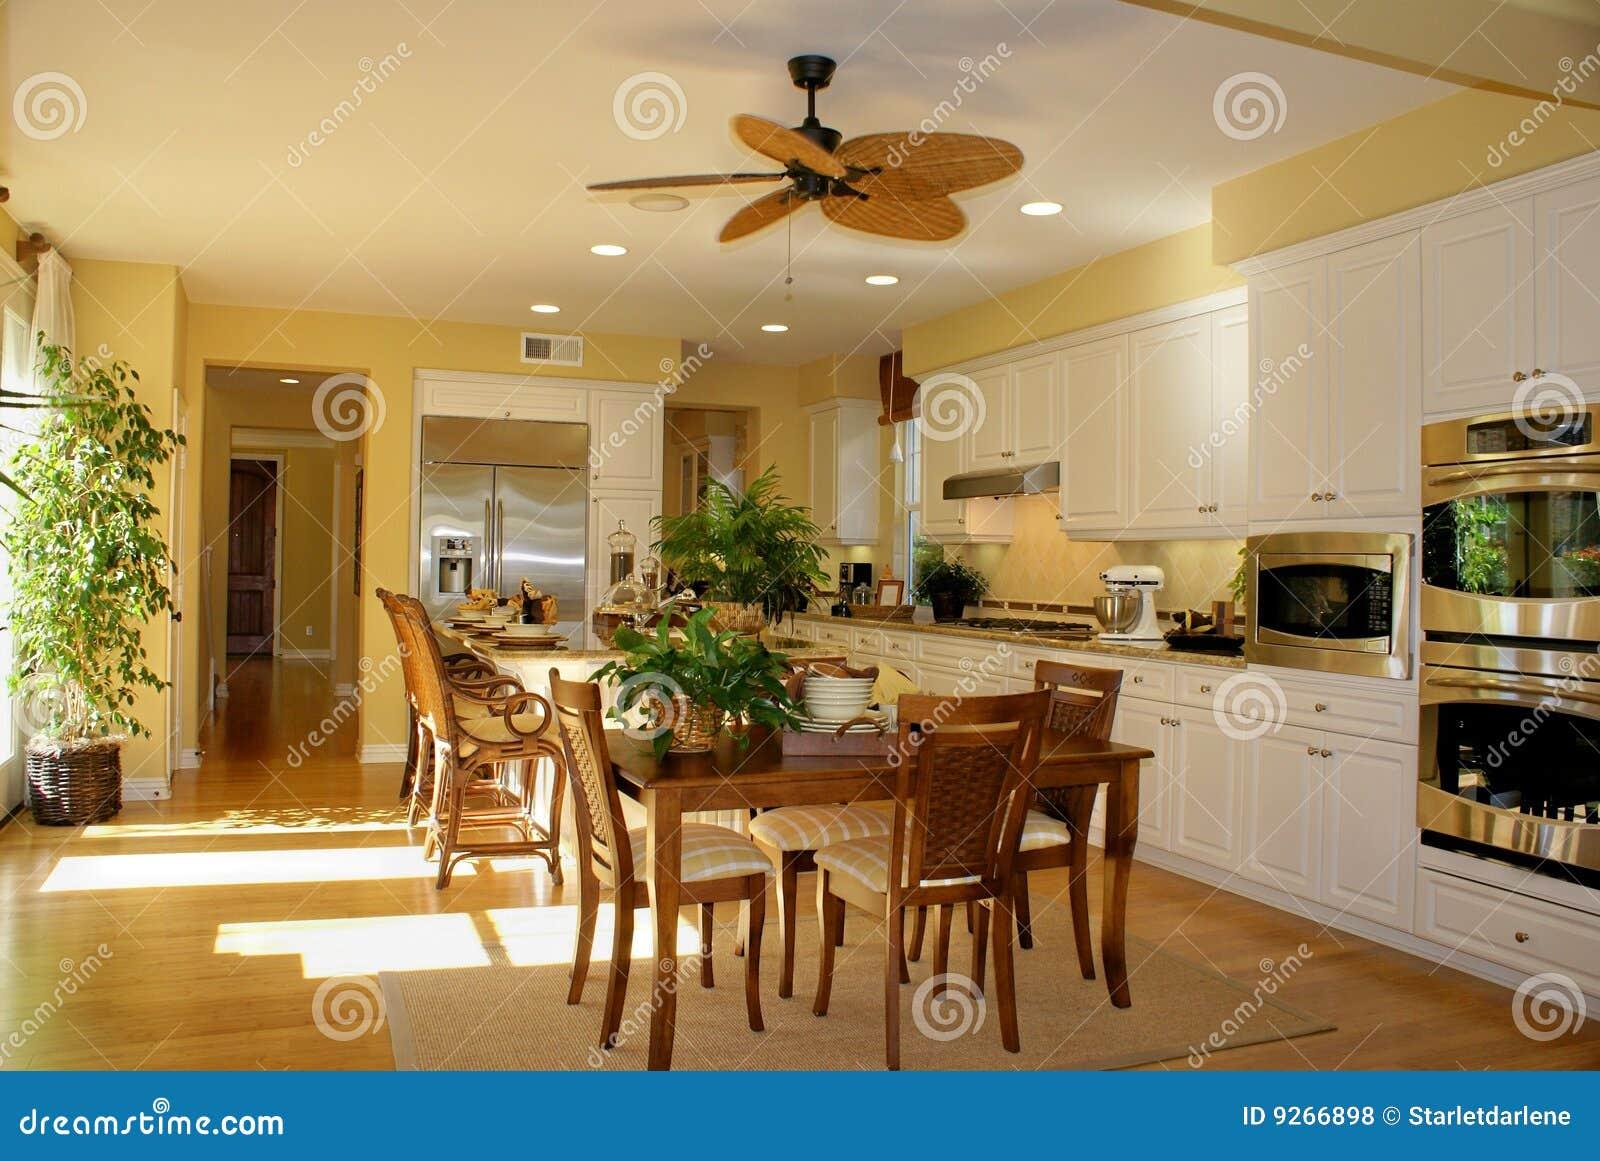 Schöne Bilder Für Wohnzimmer  Bnbnews.co